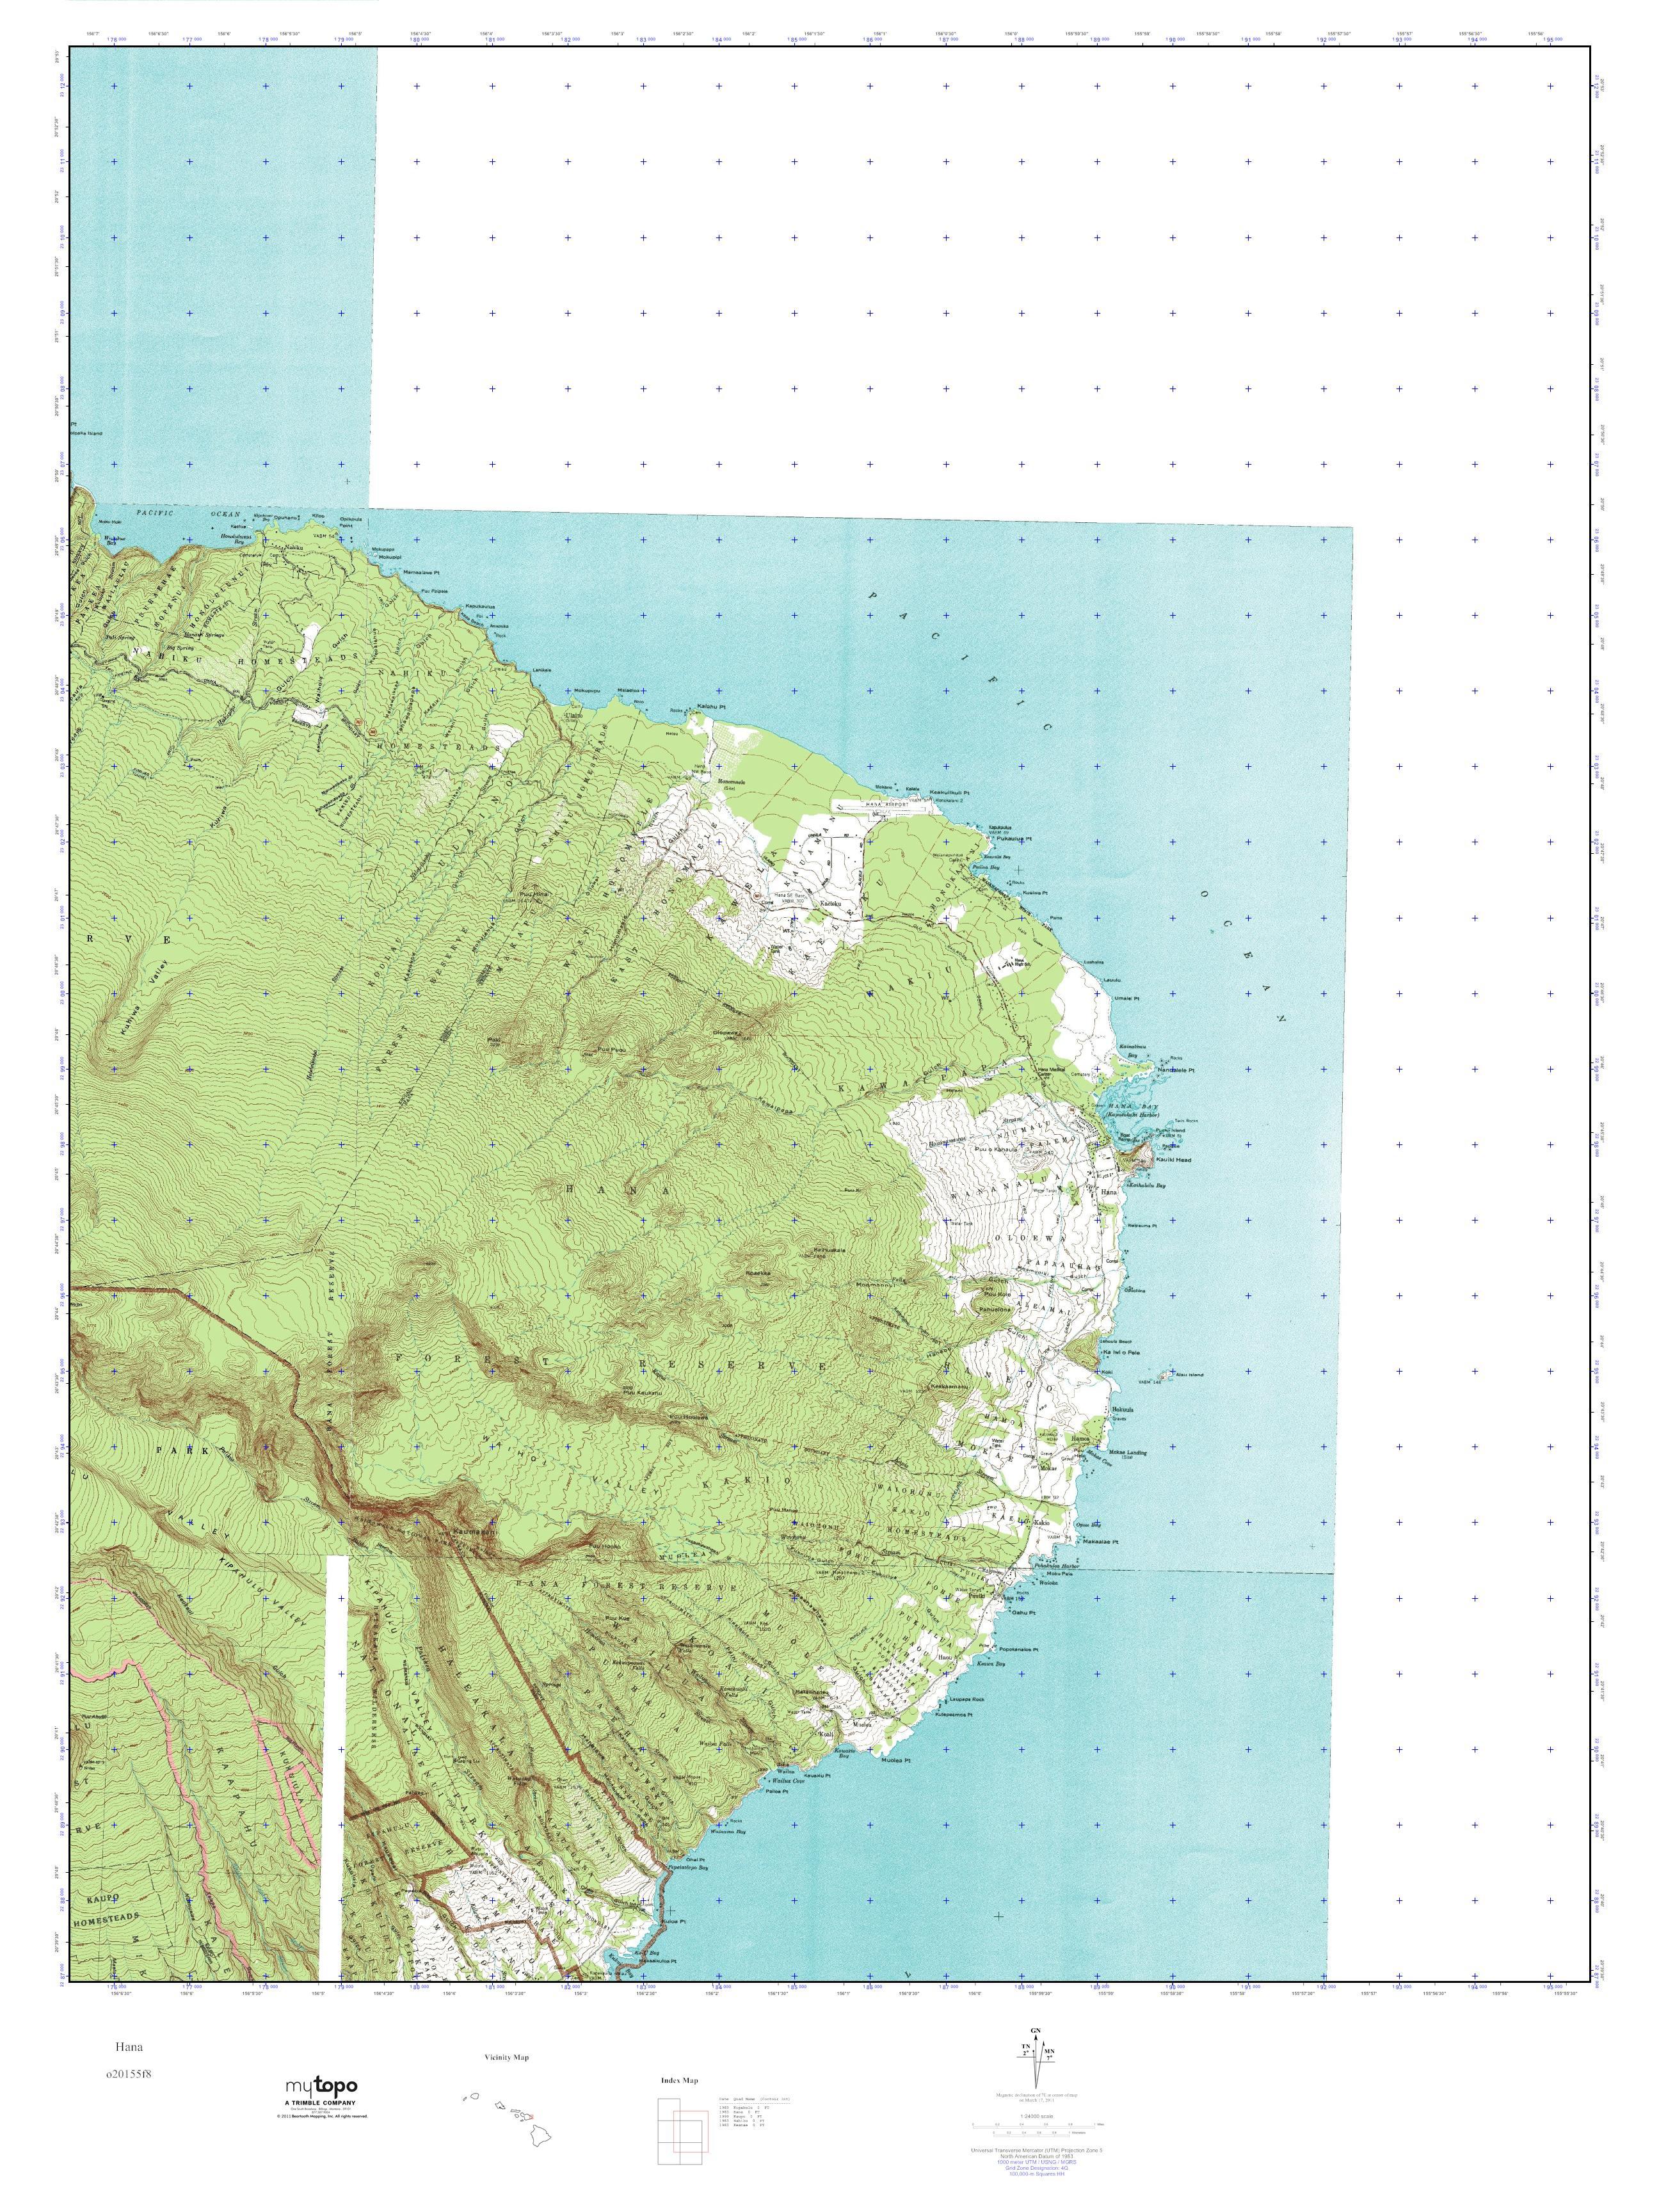 MyTopo Hana, Hawaii USGS Quad Topo Map